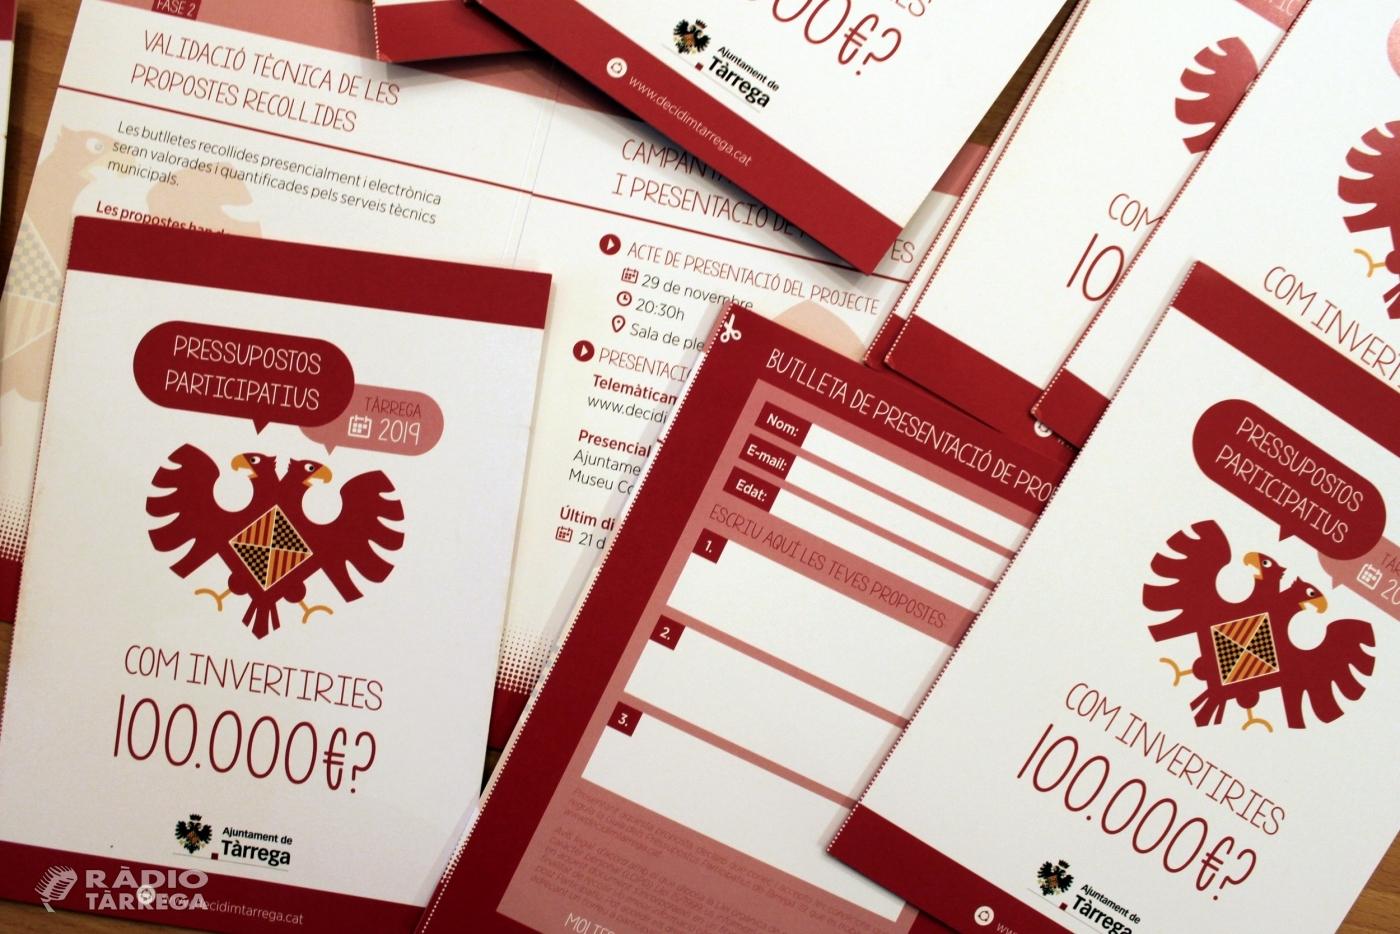 L'Ajuntament de Tàrrega impulsa els seus primers pressupostos participatius, en què la ciutadania decidirà com invertir 100.000 euros